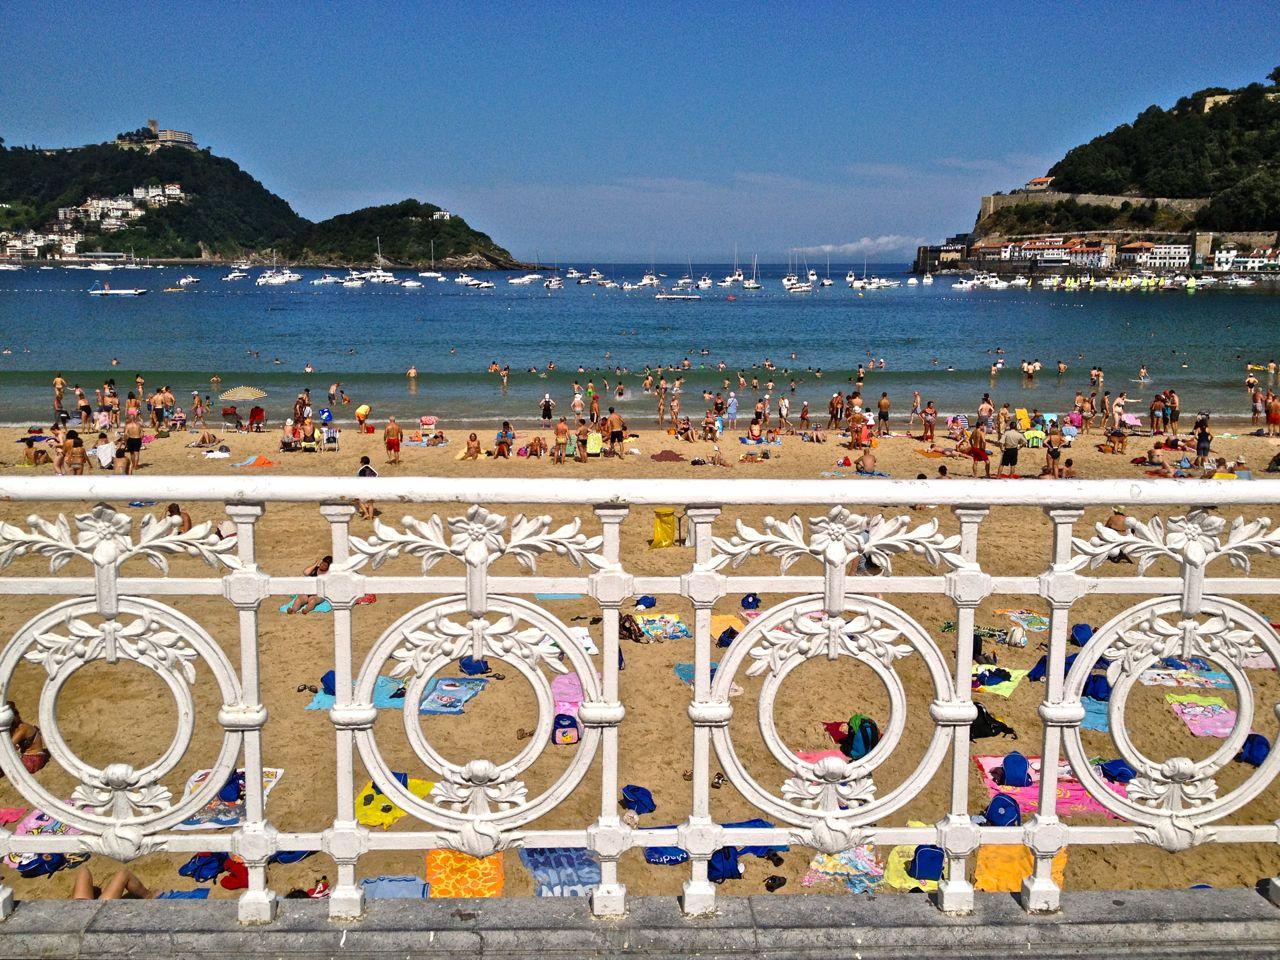 Playa de Donosti -San Sebastian